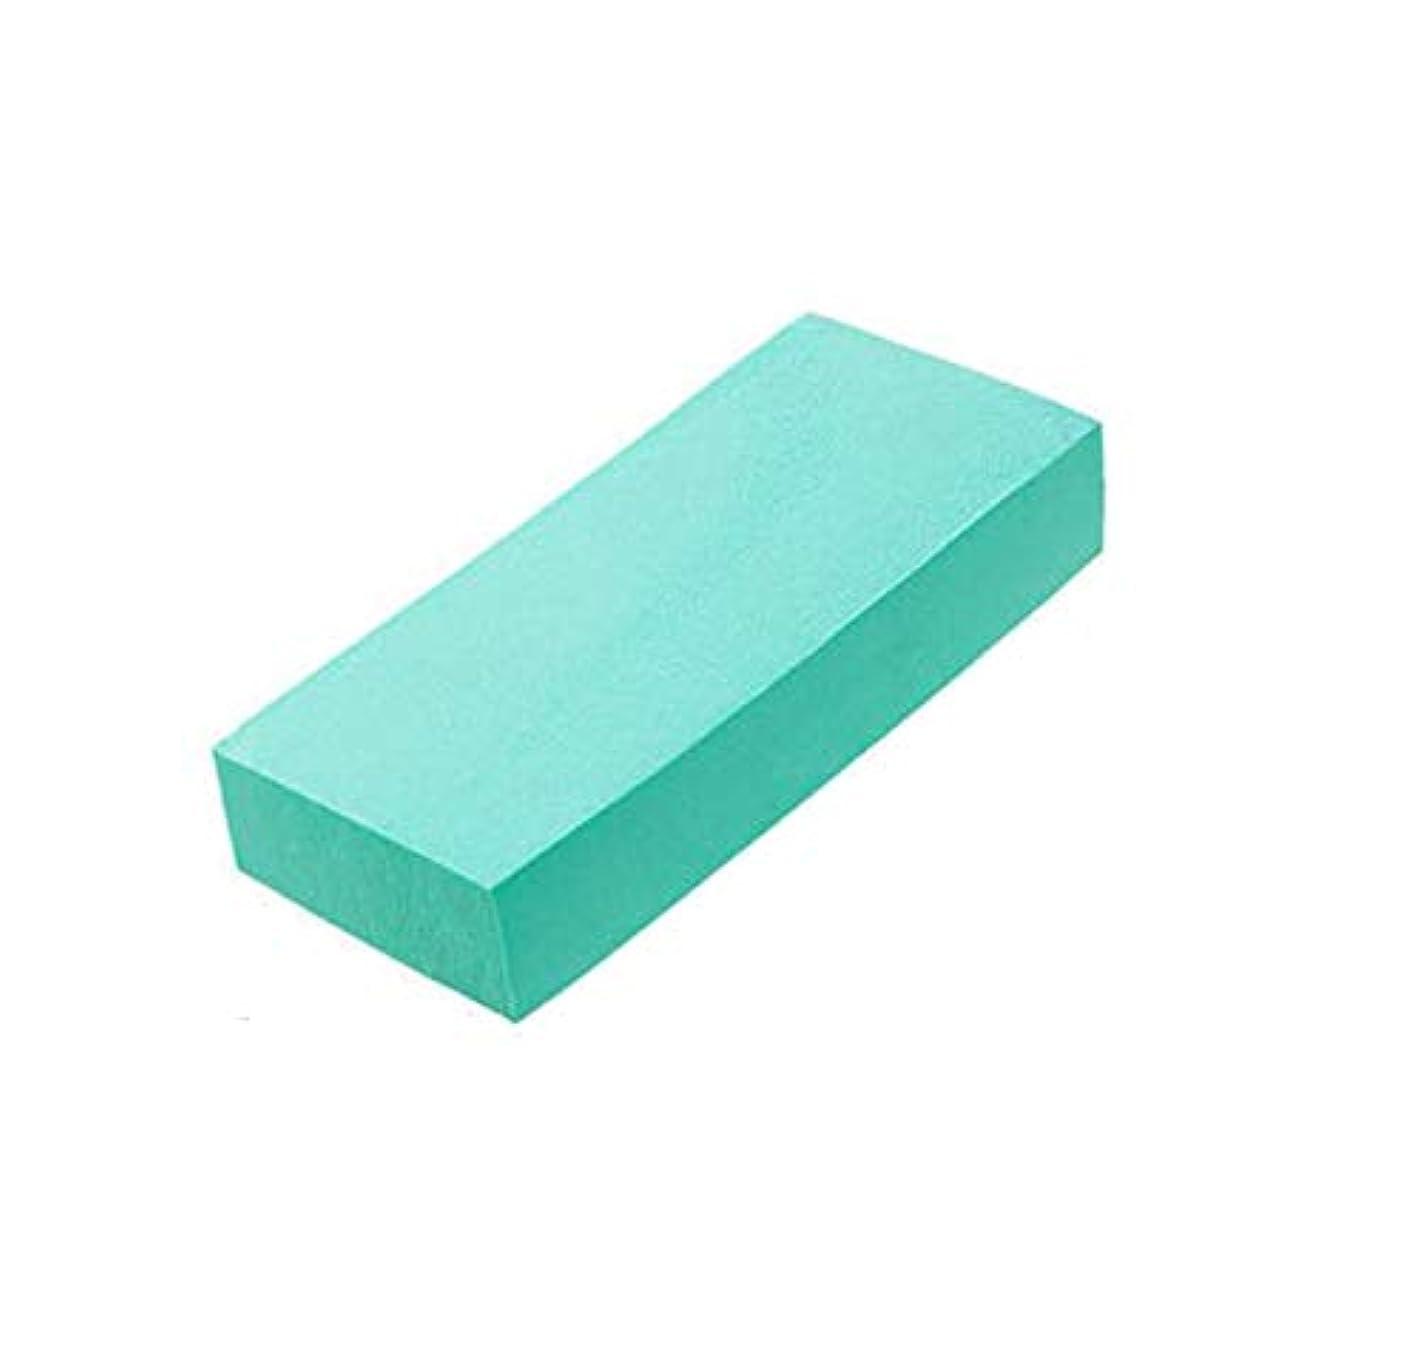 塗抹最終的に少しHJ ボディスポンジ やわらか 泡立ち ソフト シャワースポンジ お風呂 背中 業務用 家庭用 綿 バスグッズ (5個セット 色ランダム)